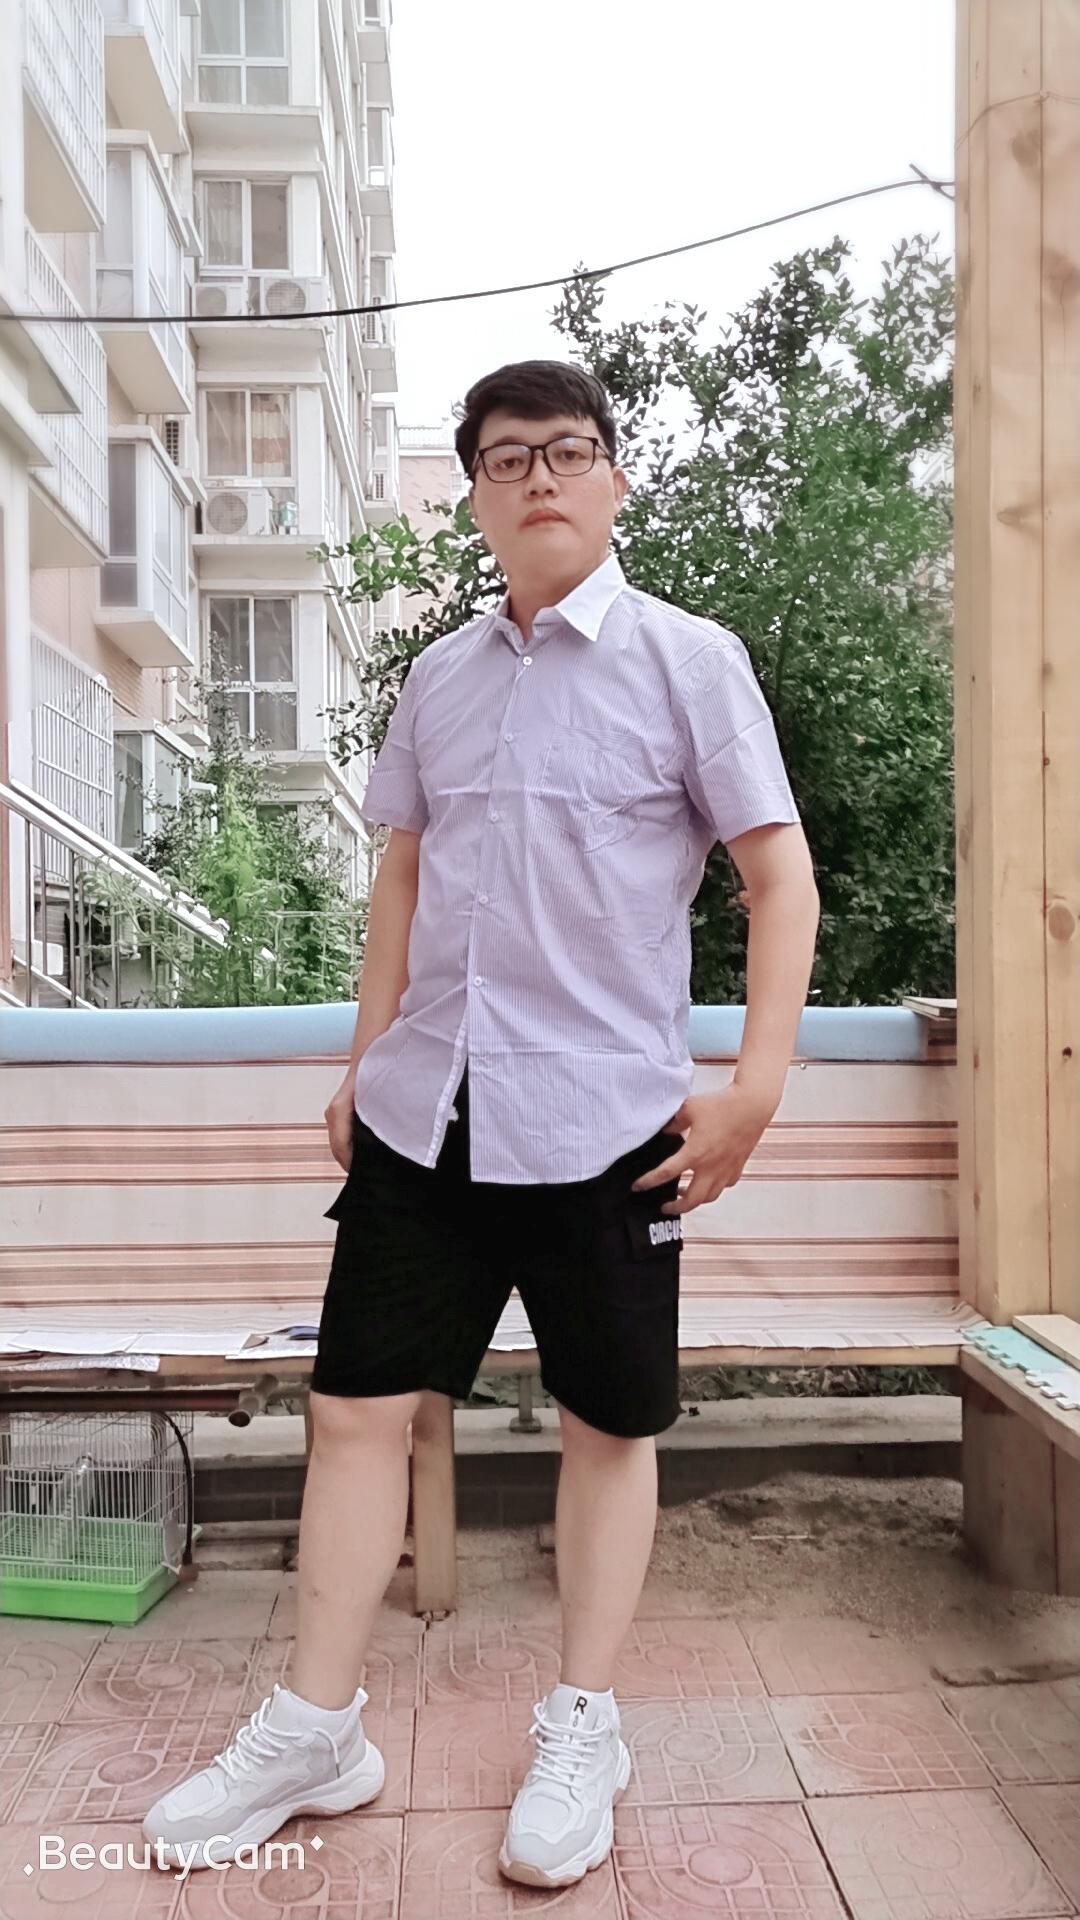 一个潮流的小伙子,穿着方面总是胜人一筹